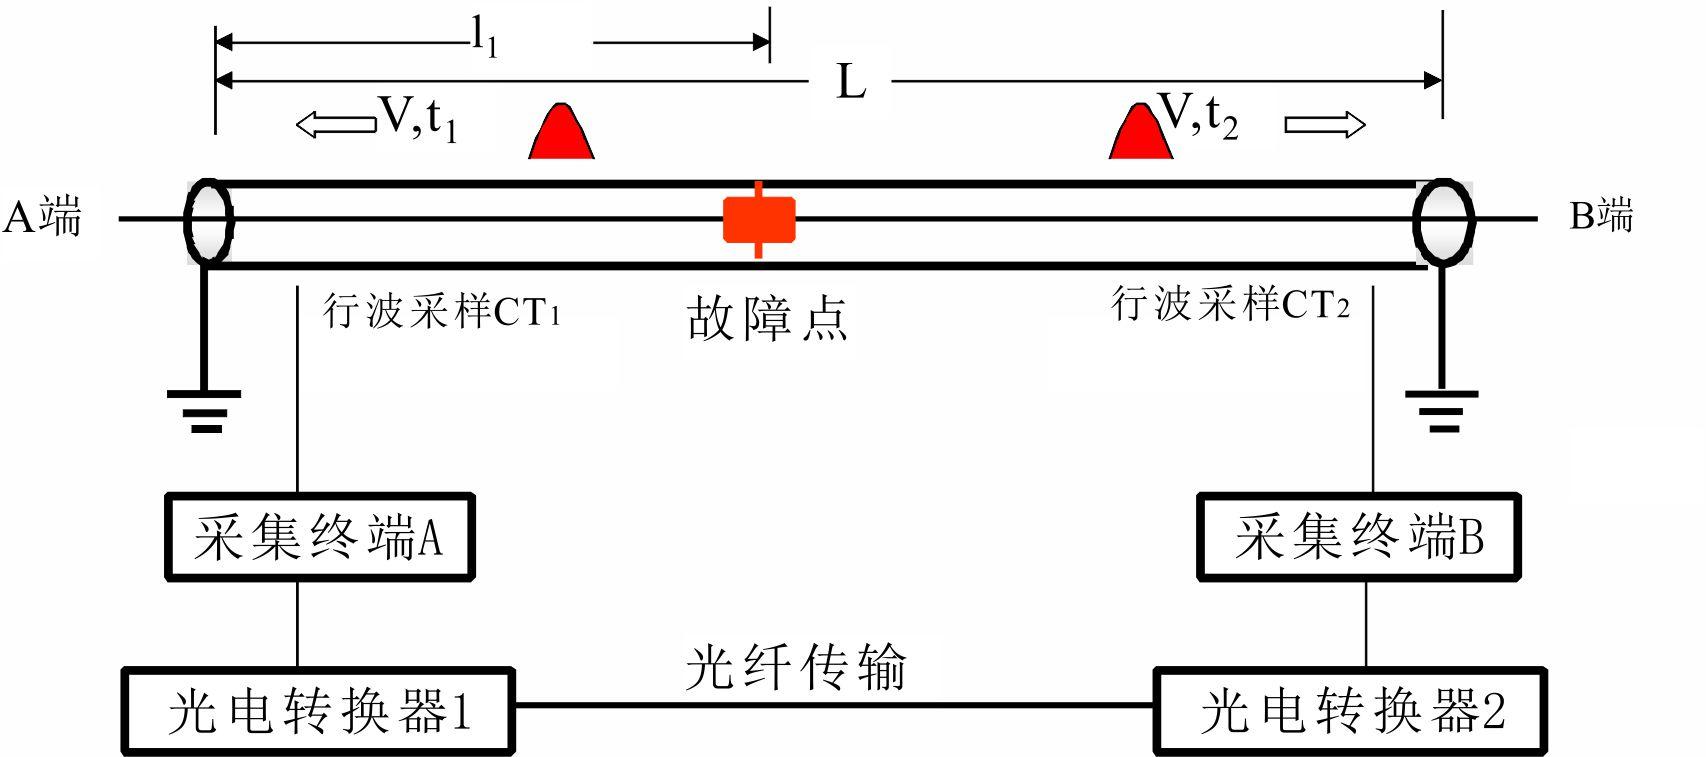 高压电缆在线双端故障定位系统